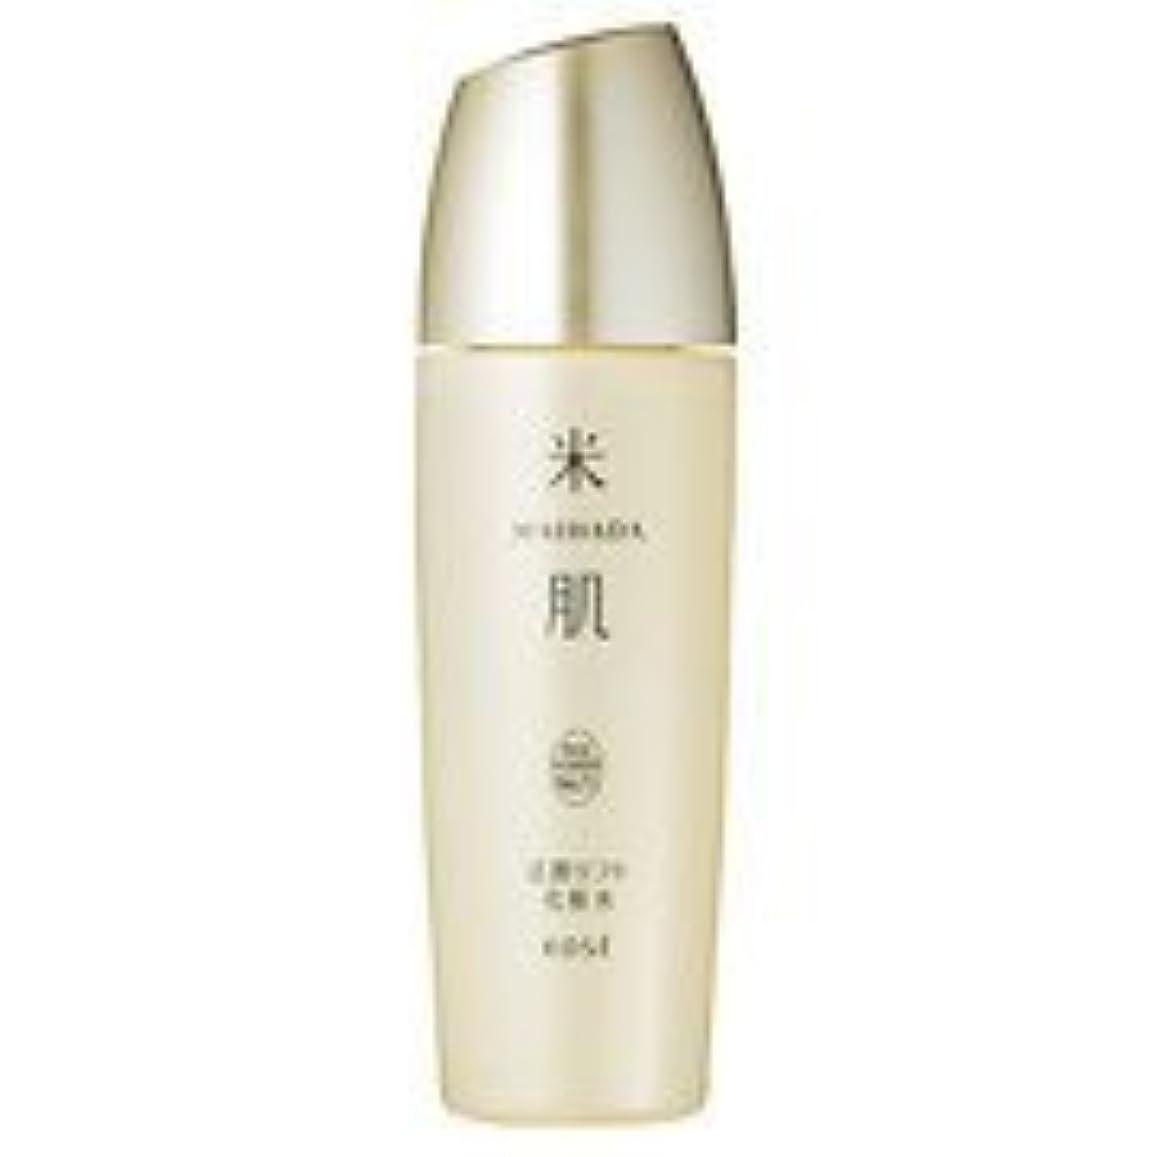 珍しい主導権宣言する米肌(MAIHADA) 活潤リフト 化粧水 120ml